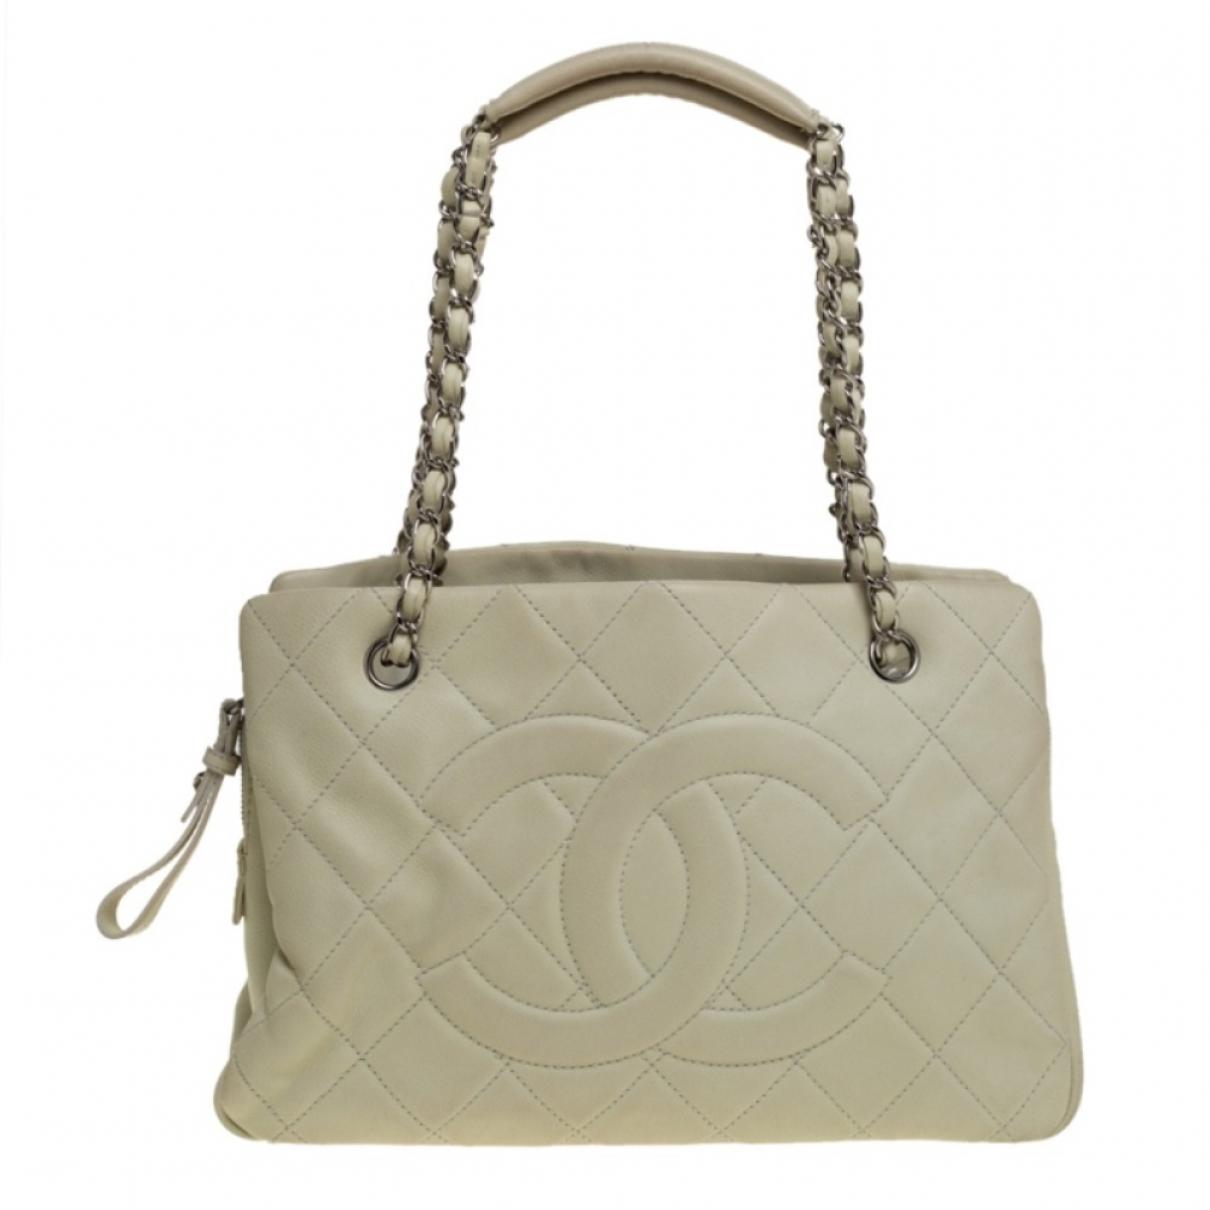 Chanel - Sac a main Timeless/Classique pour femme en cuir - blanc